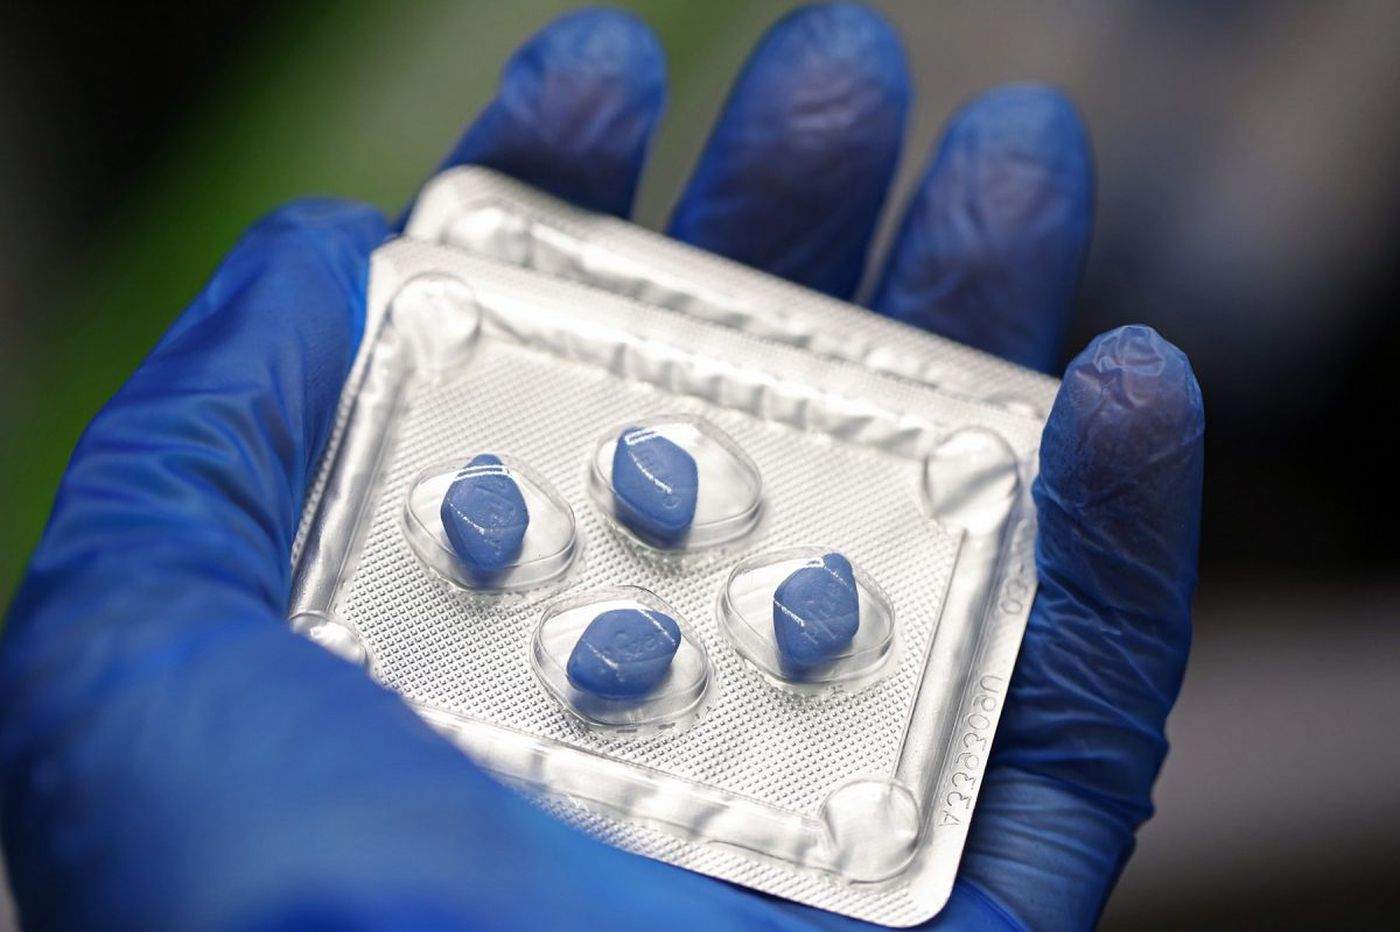 Teva seeks to shrink debt, grow with generic Viagra